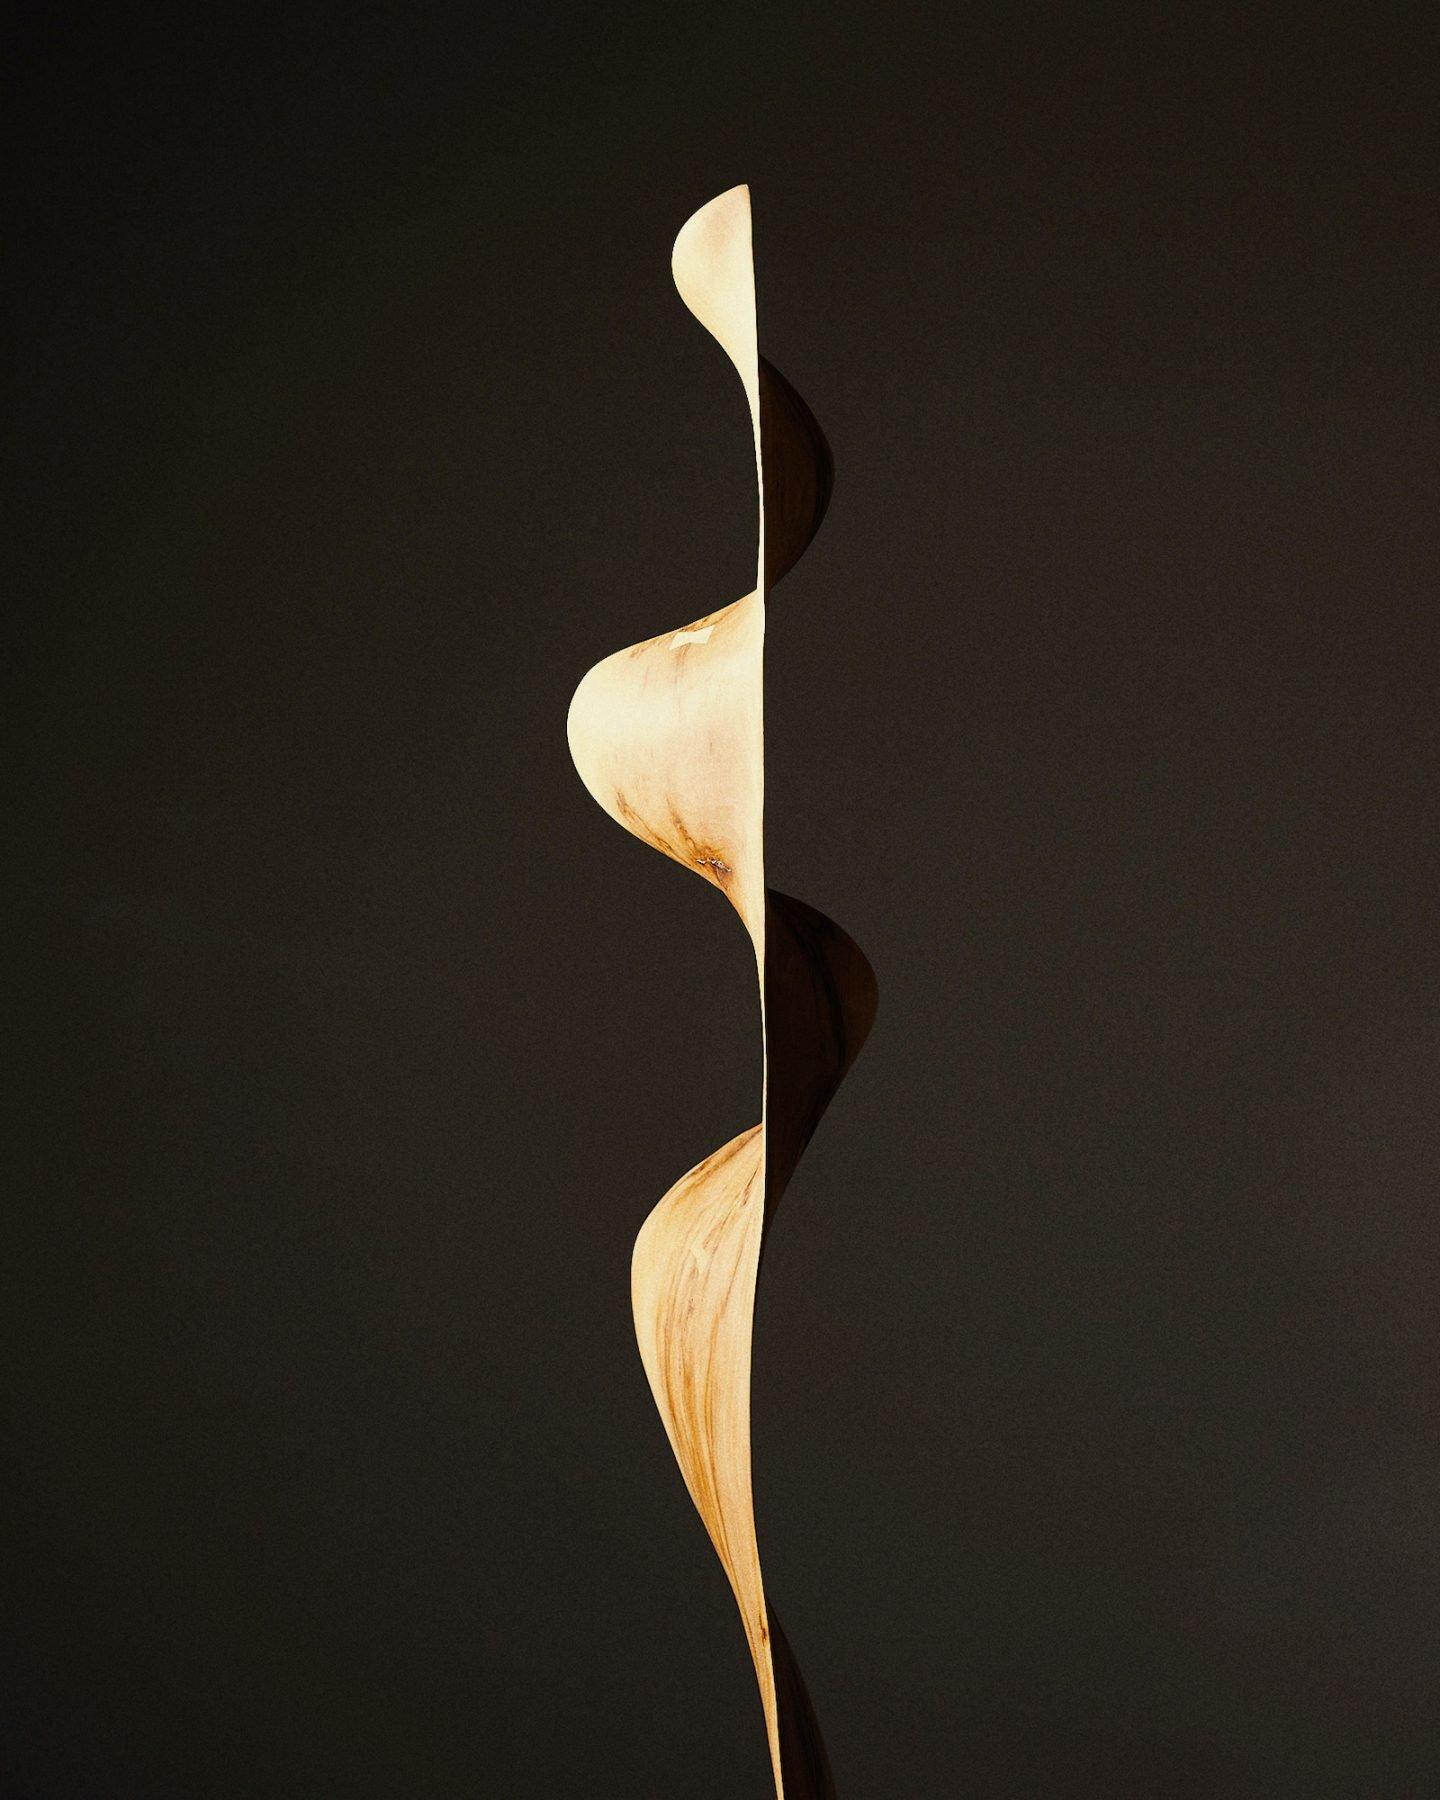 IGNANT-Design-Nicholas-Shurey-03